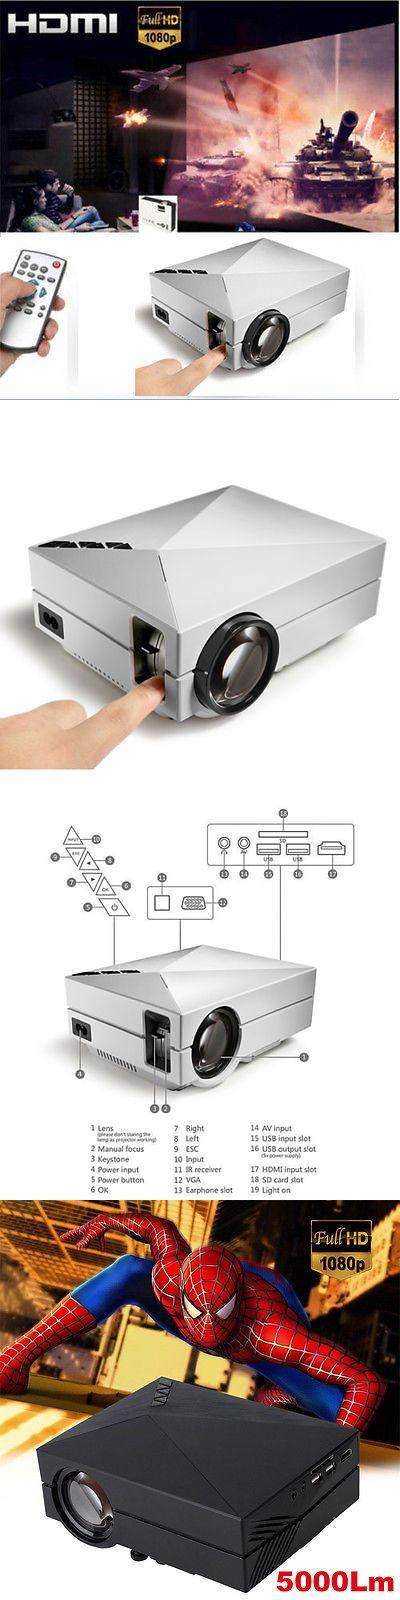 projector 1080i vs 1080p hdmi